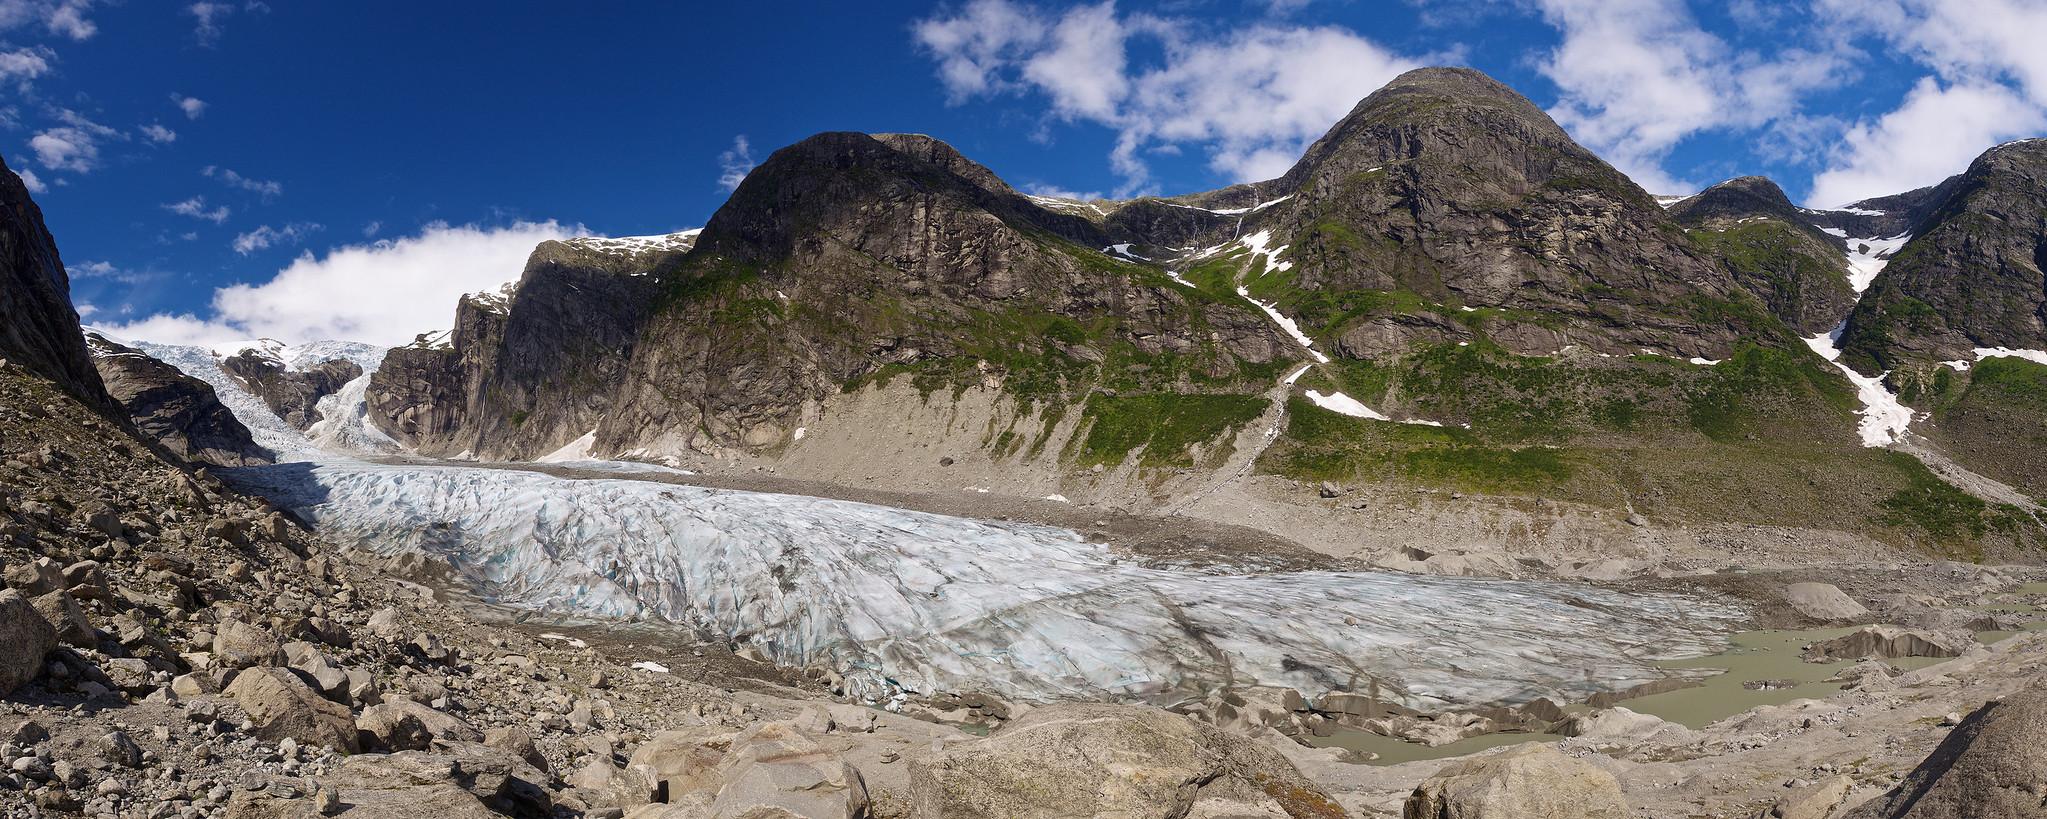 【北歐景點】朝聖歐洲大陸最大的冰河 - 挪威約詩達特冰河國家公園 (Jostedalsbreen National Park) 19